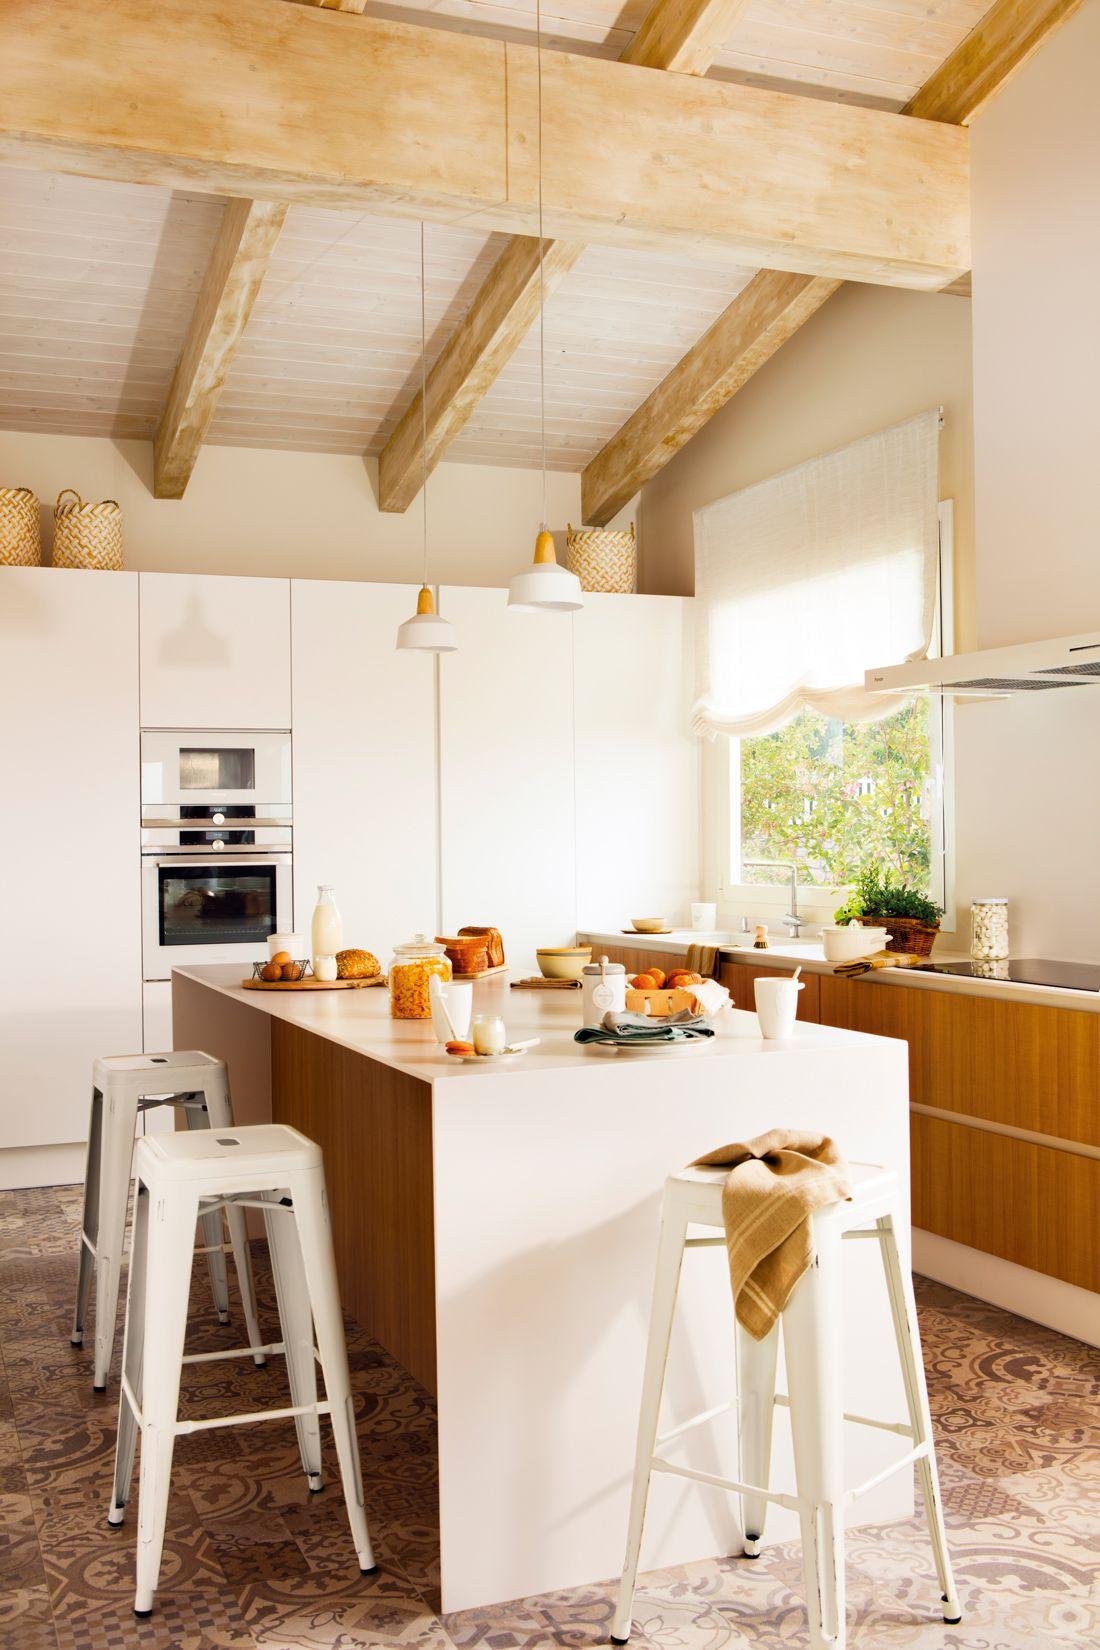 00449815. Cocina con vigas patinadas, muebles blancos, isla ...